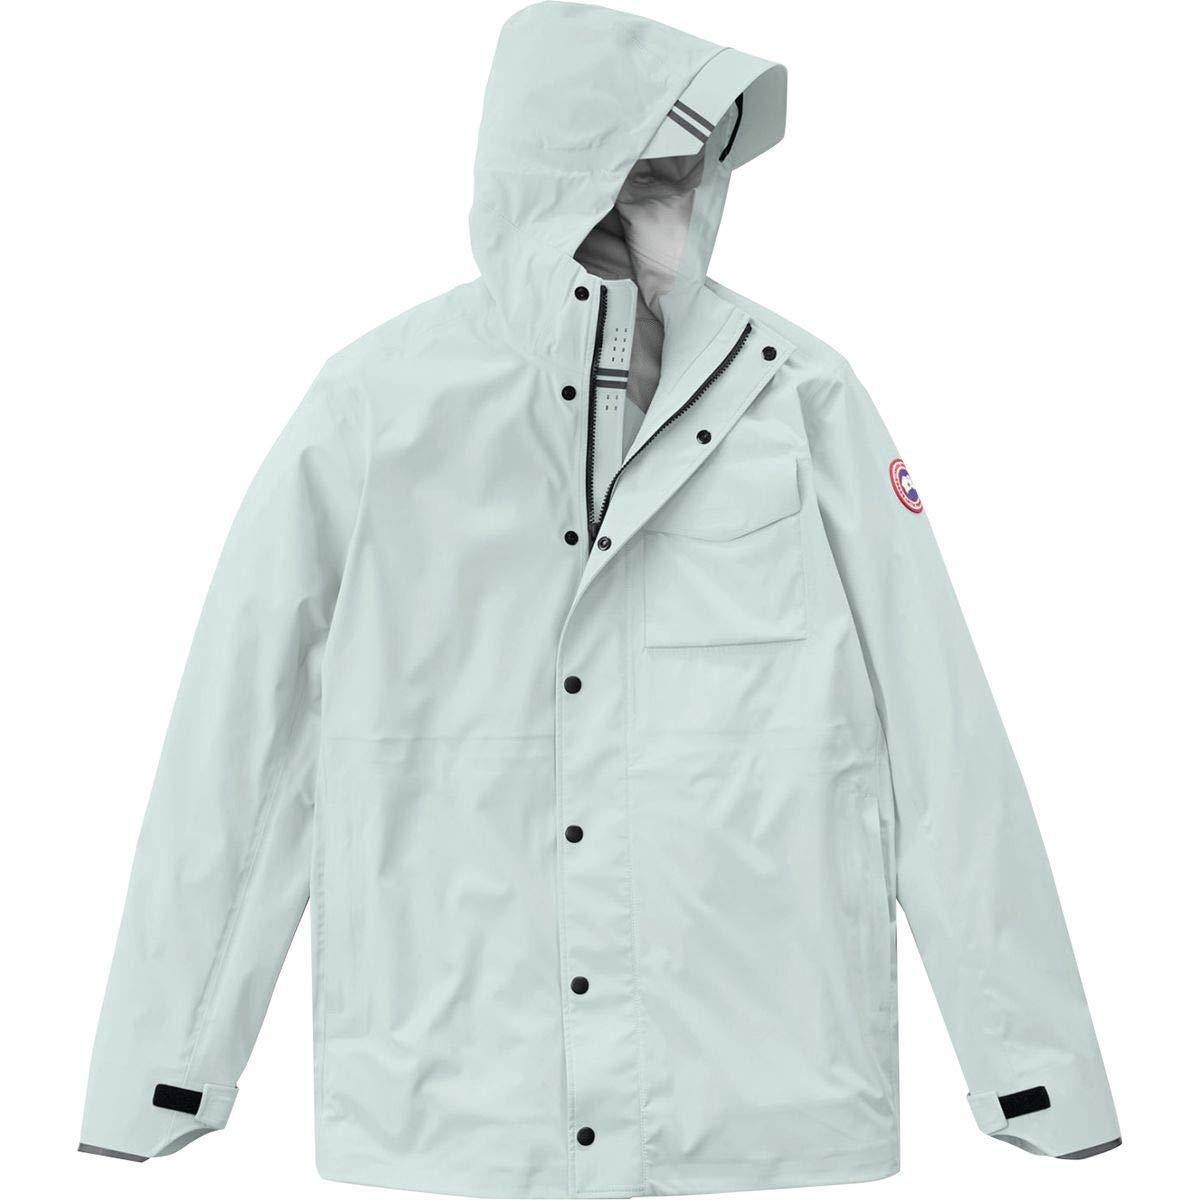 [カナダグース] メンズ ジャケット&ブルゾン [カナダグース] Nanaimo メンズ Jacket Nanaimo [並行輸入品] B07QLLJNKK L, 銀座 紗古夢堂(sacomdo):03455ace --- gallery-rugdoll.com